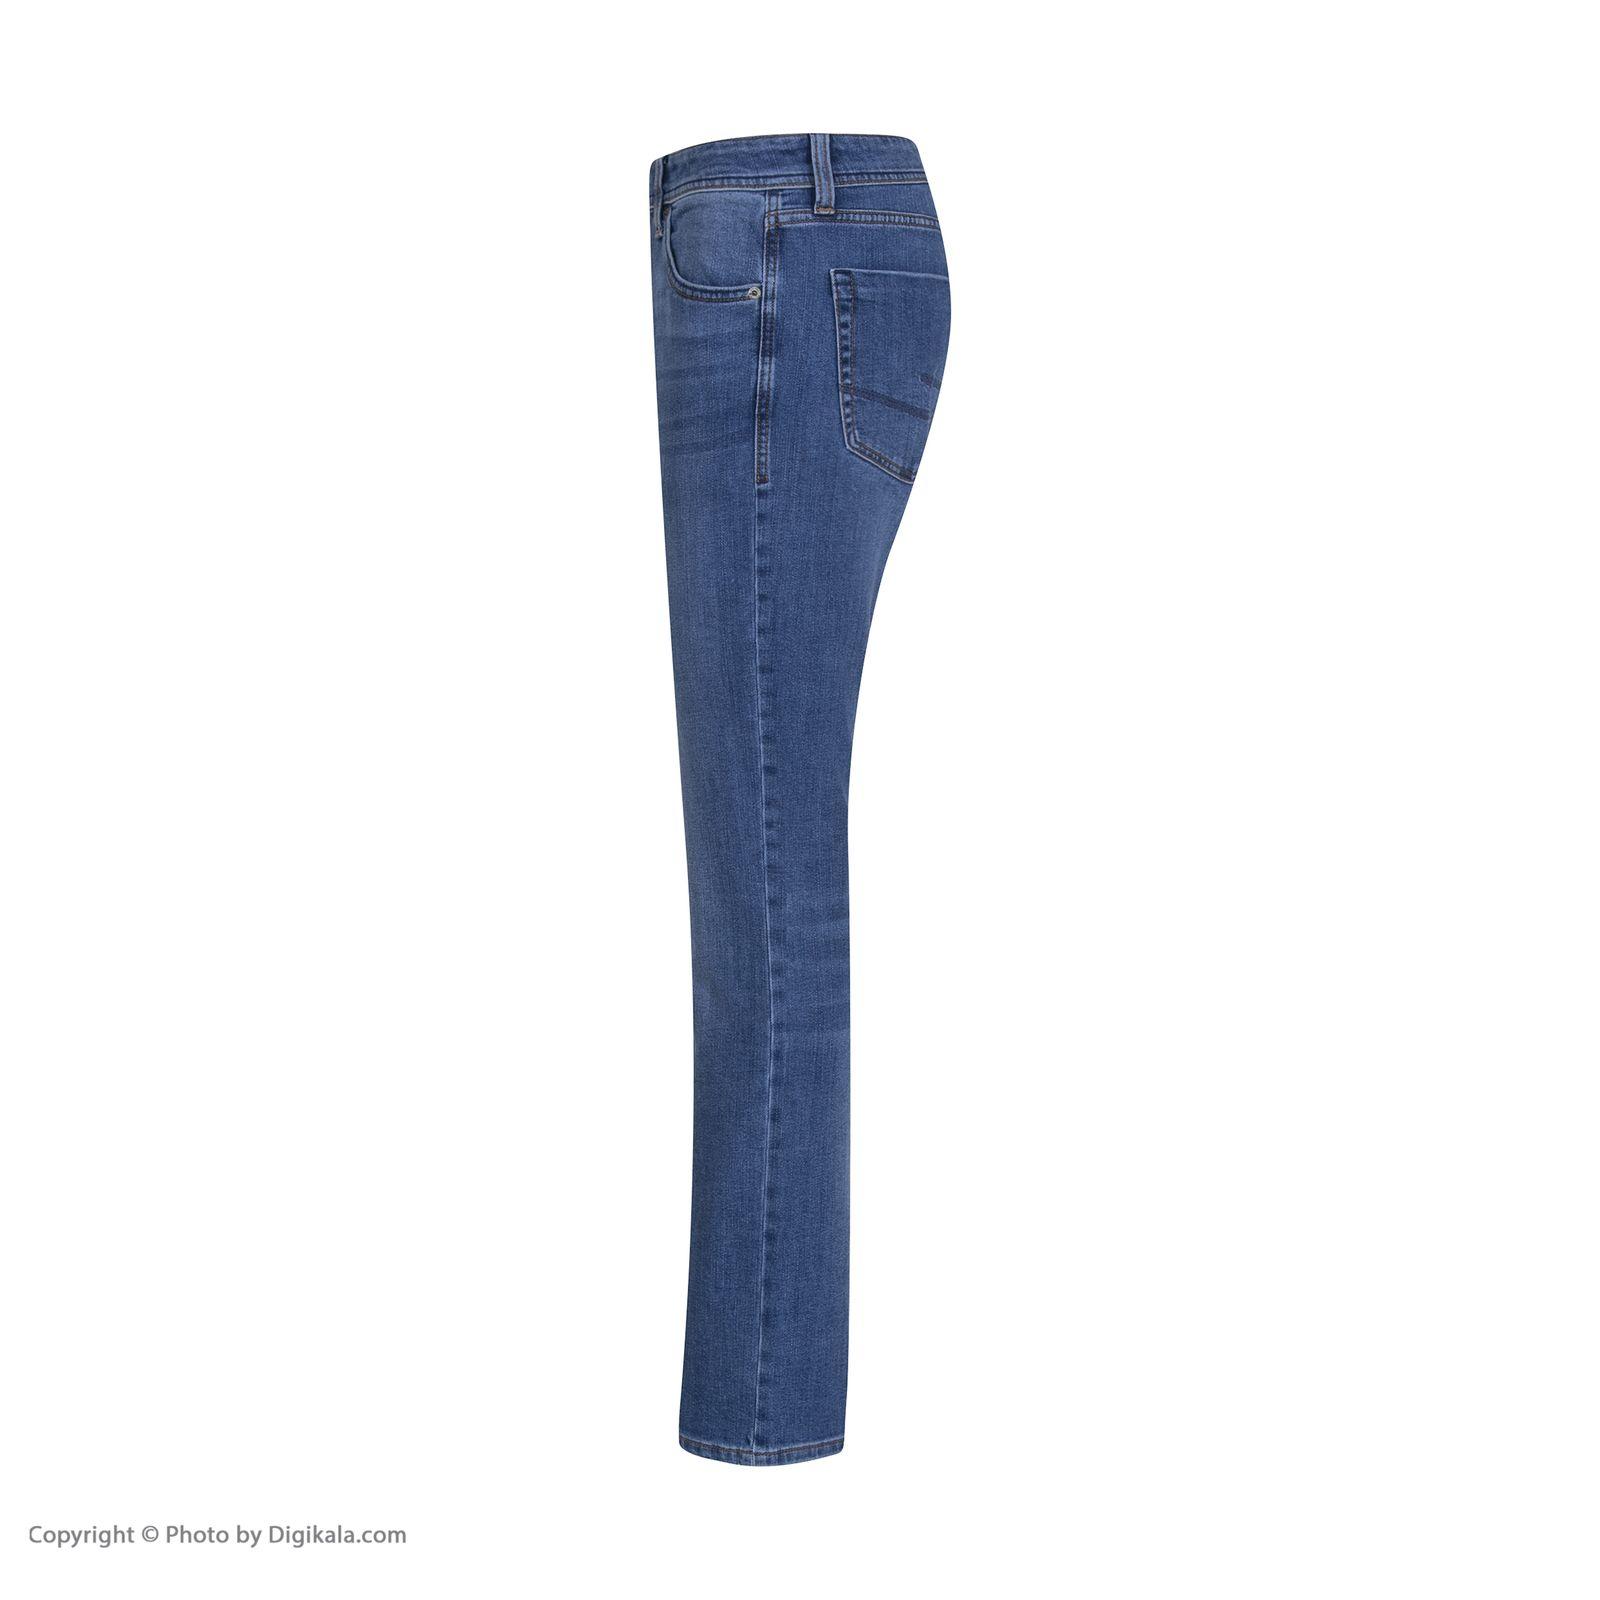 شلوار جین مردانه کالینز مدل CL1019135-LIGHTTROYWASH -  - 4